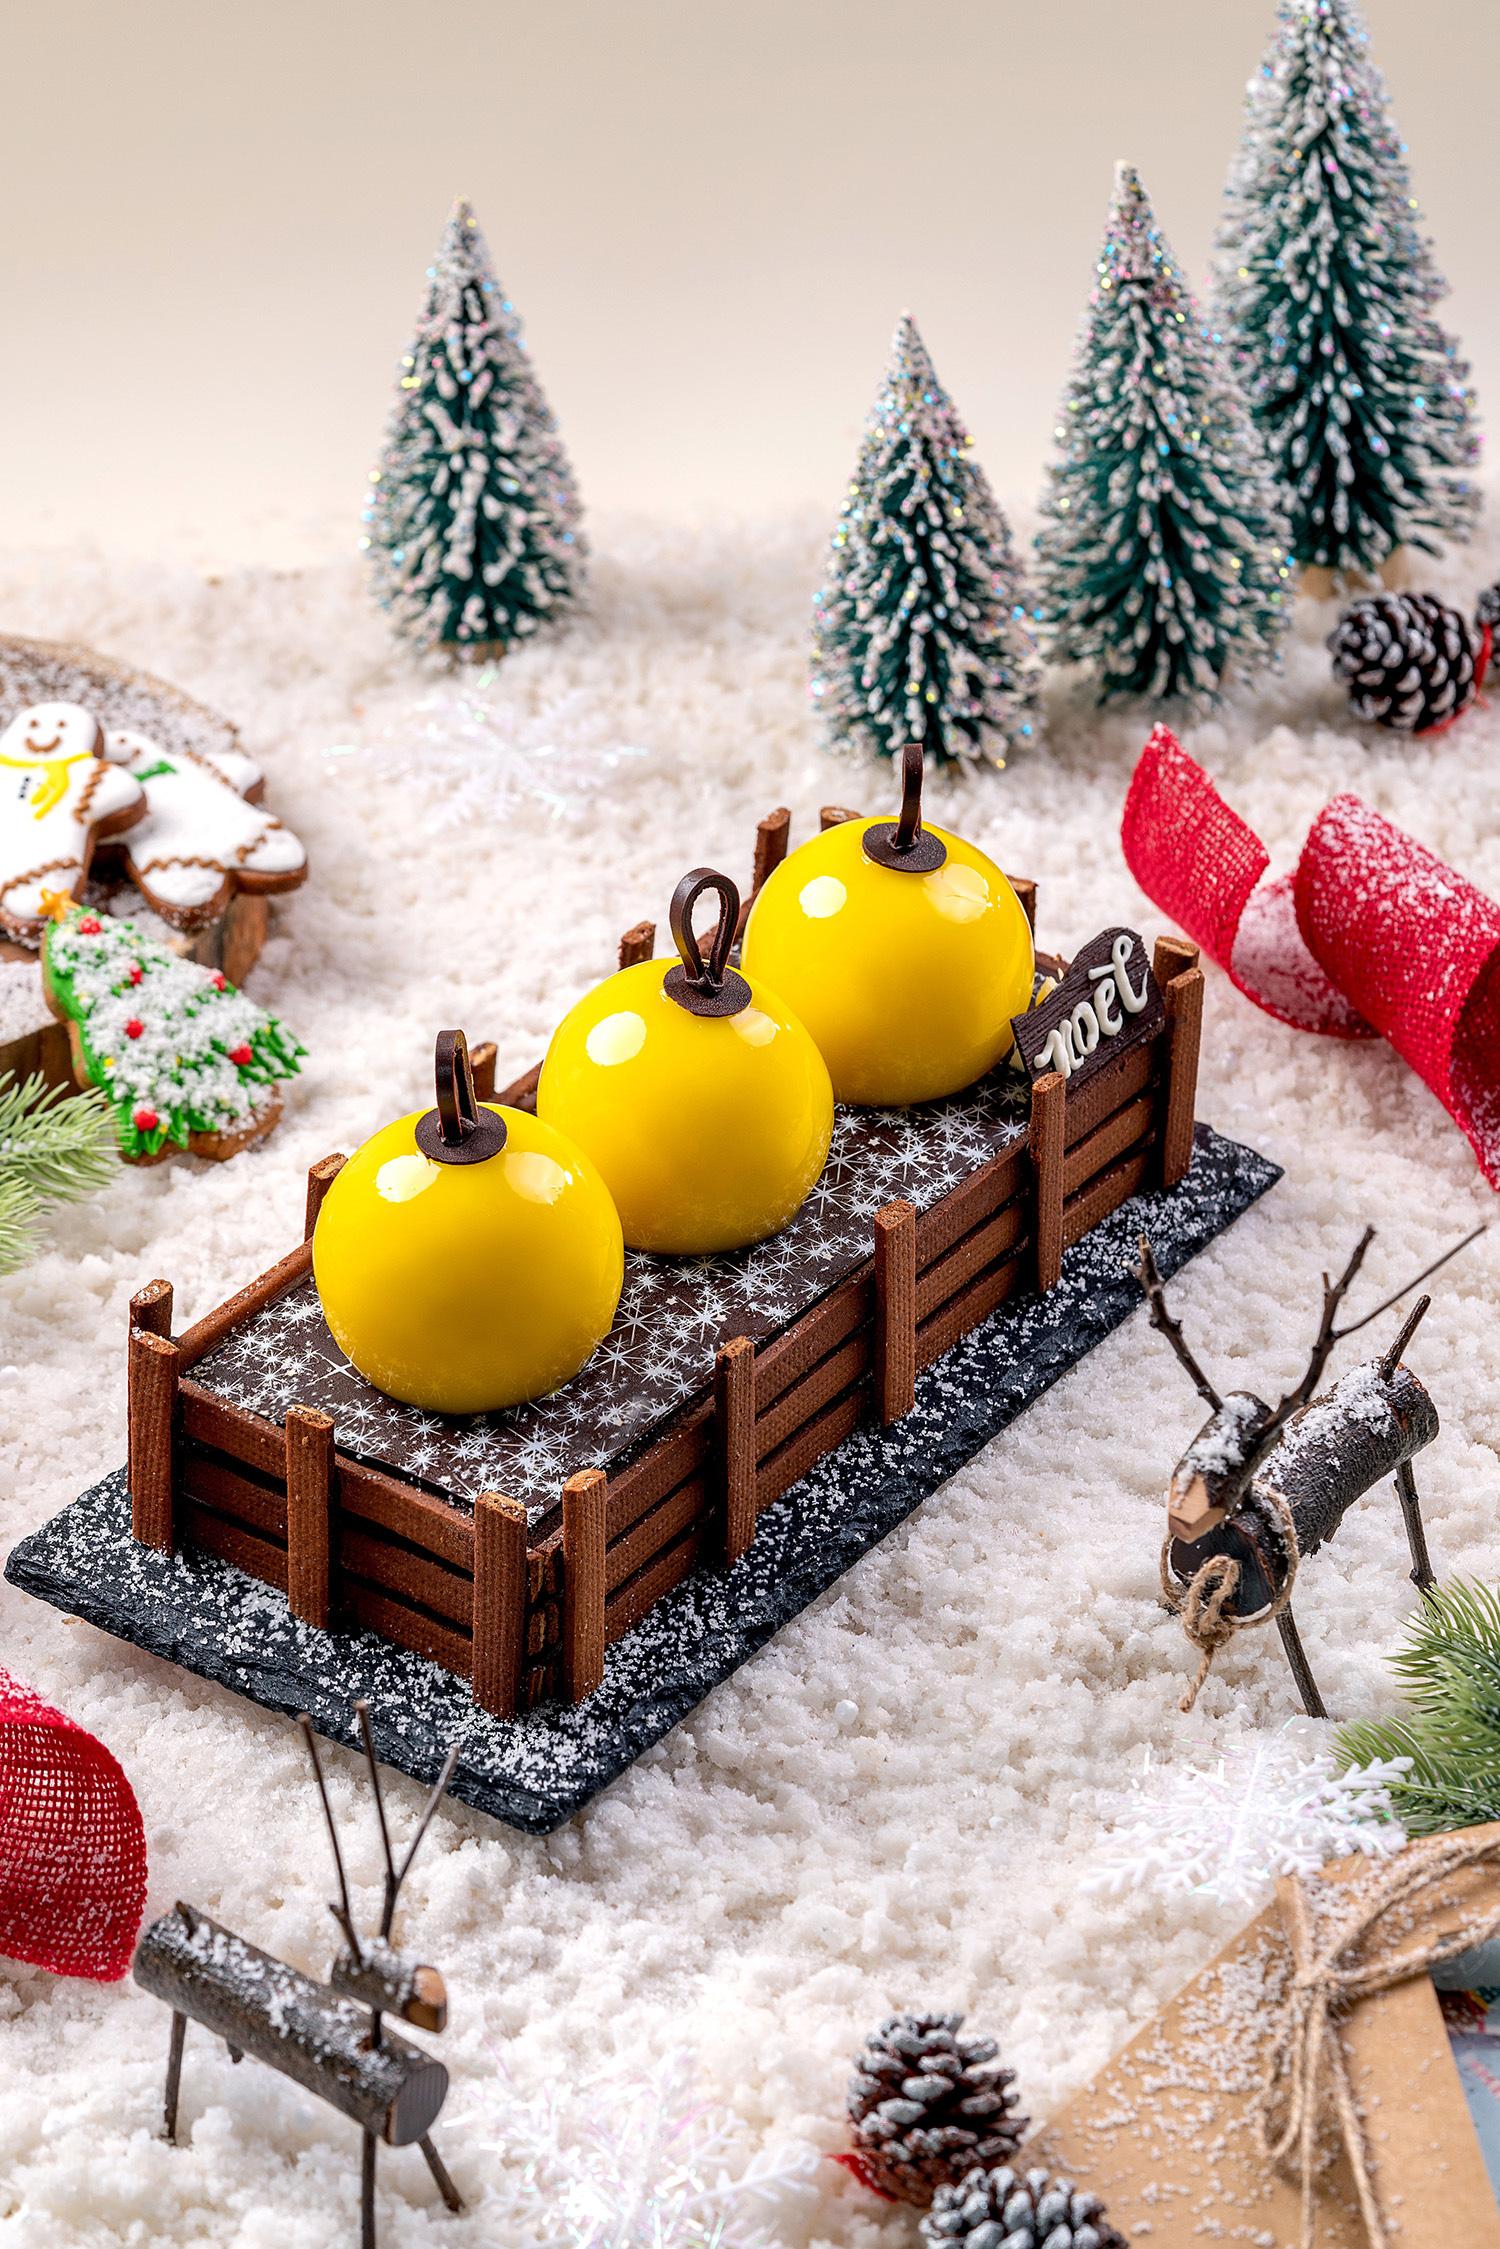 FESTIVE SEASON - Tận hưởng không gian Giáng sinh ấm cúng và an lành cùng Mai House Saigon - Ảnh 9.